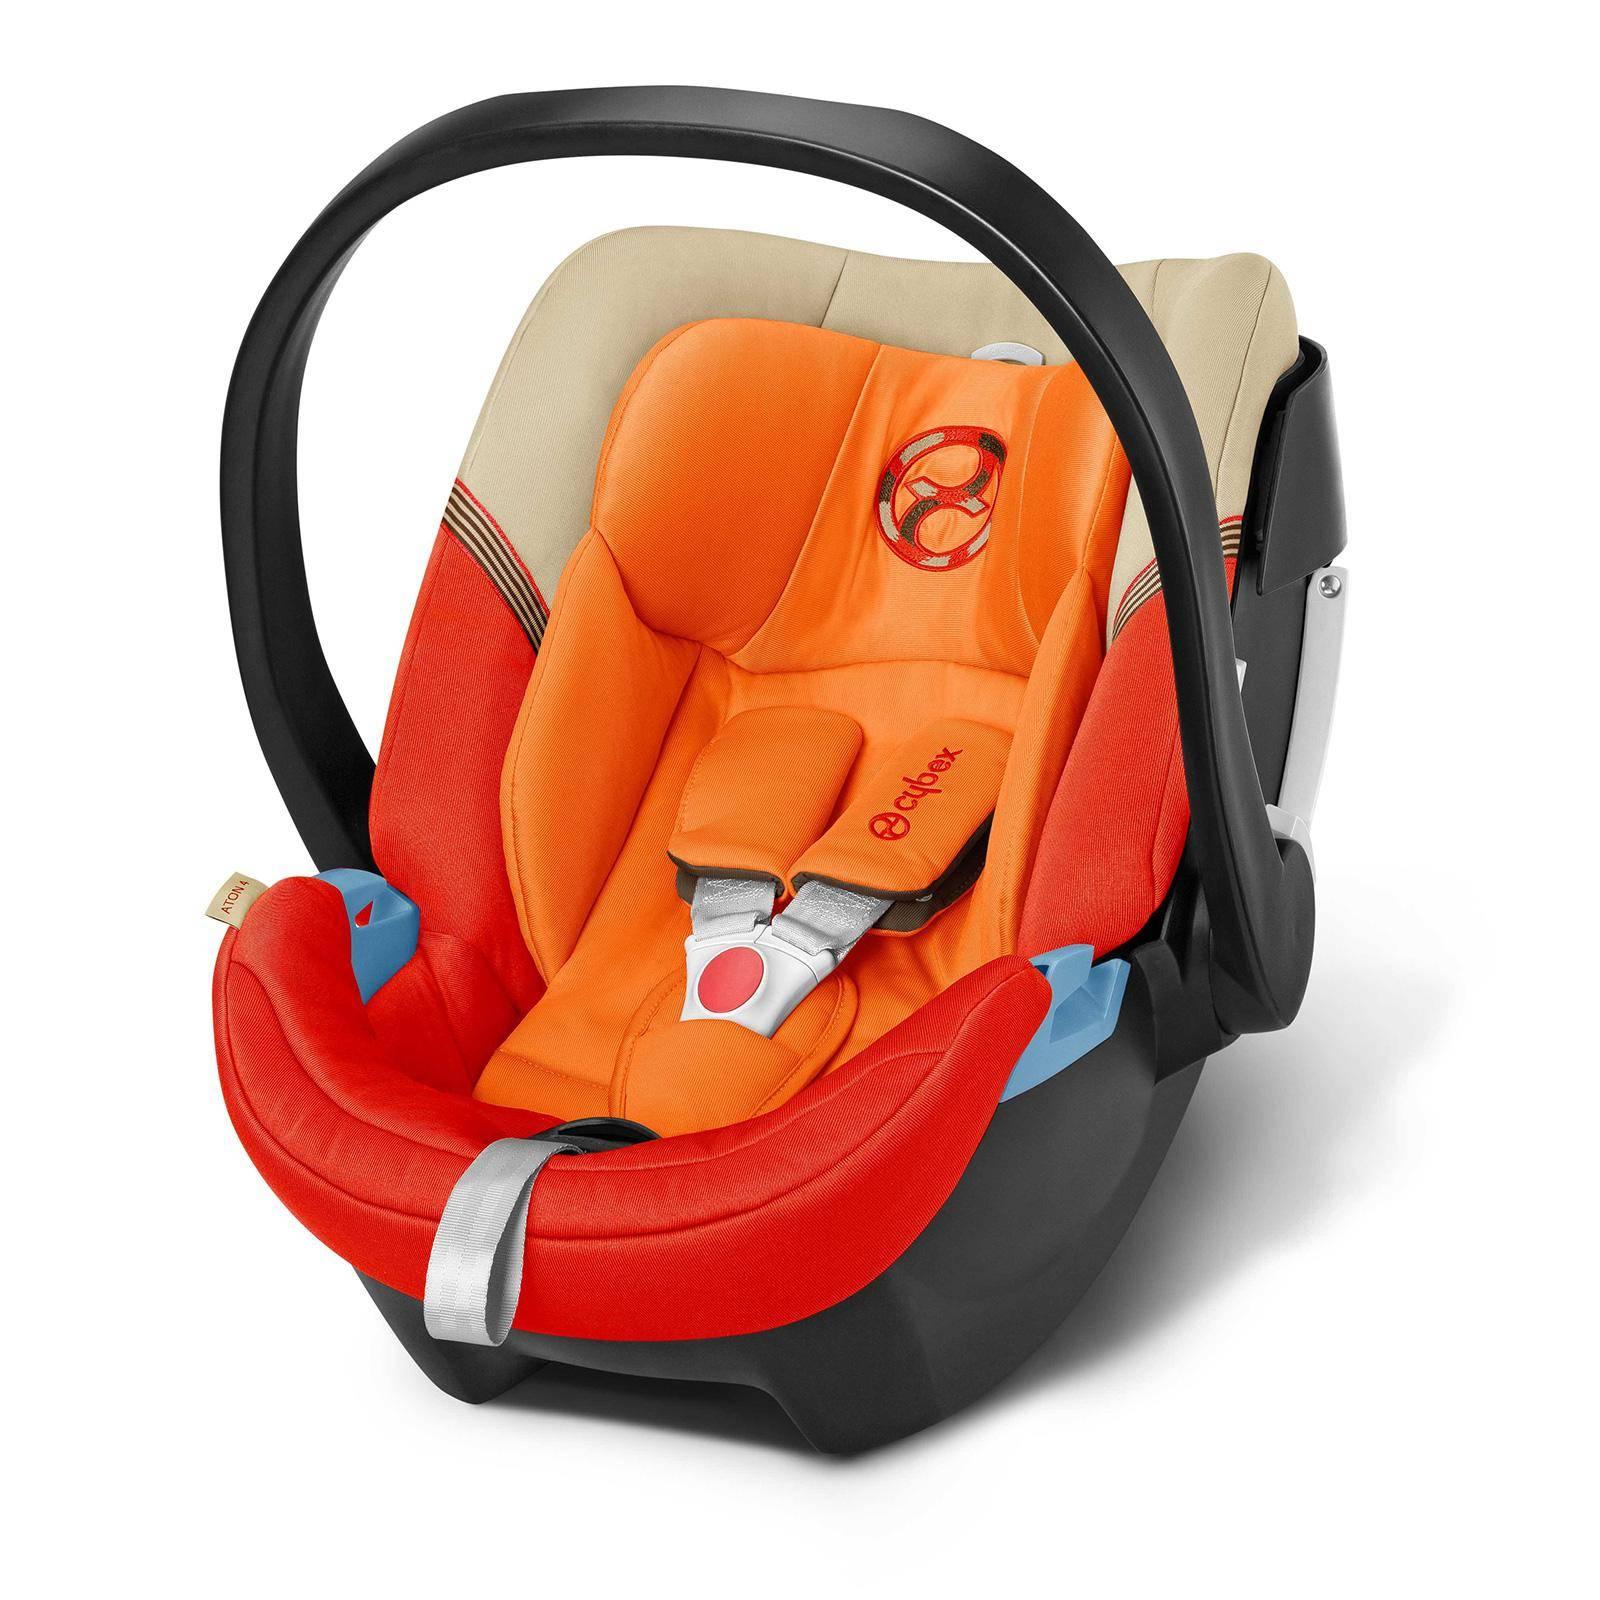 Лучшие автолюльки для новорожденных